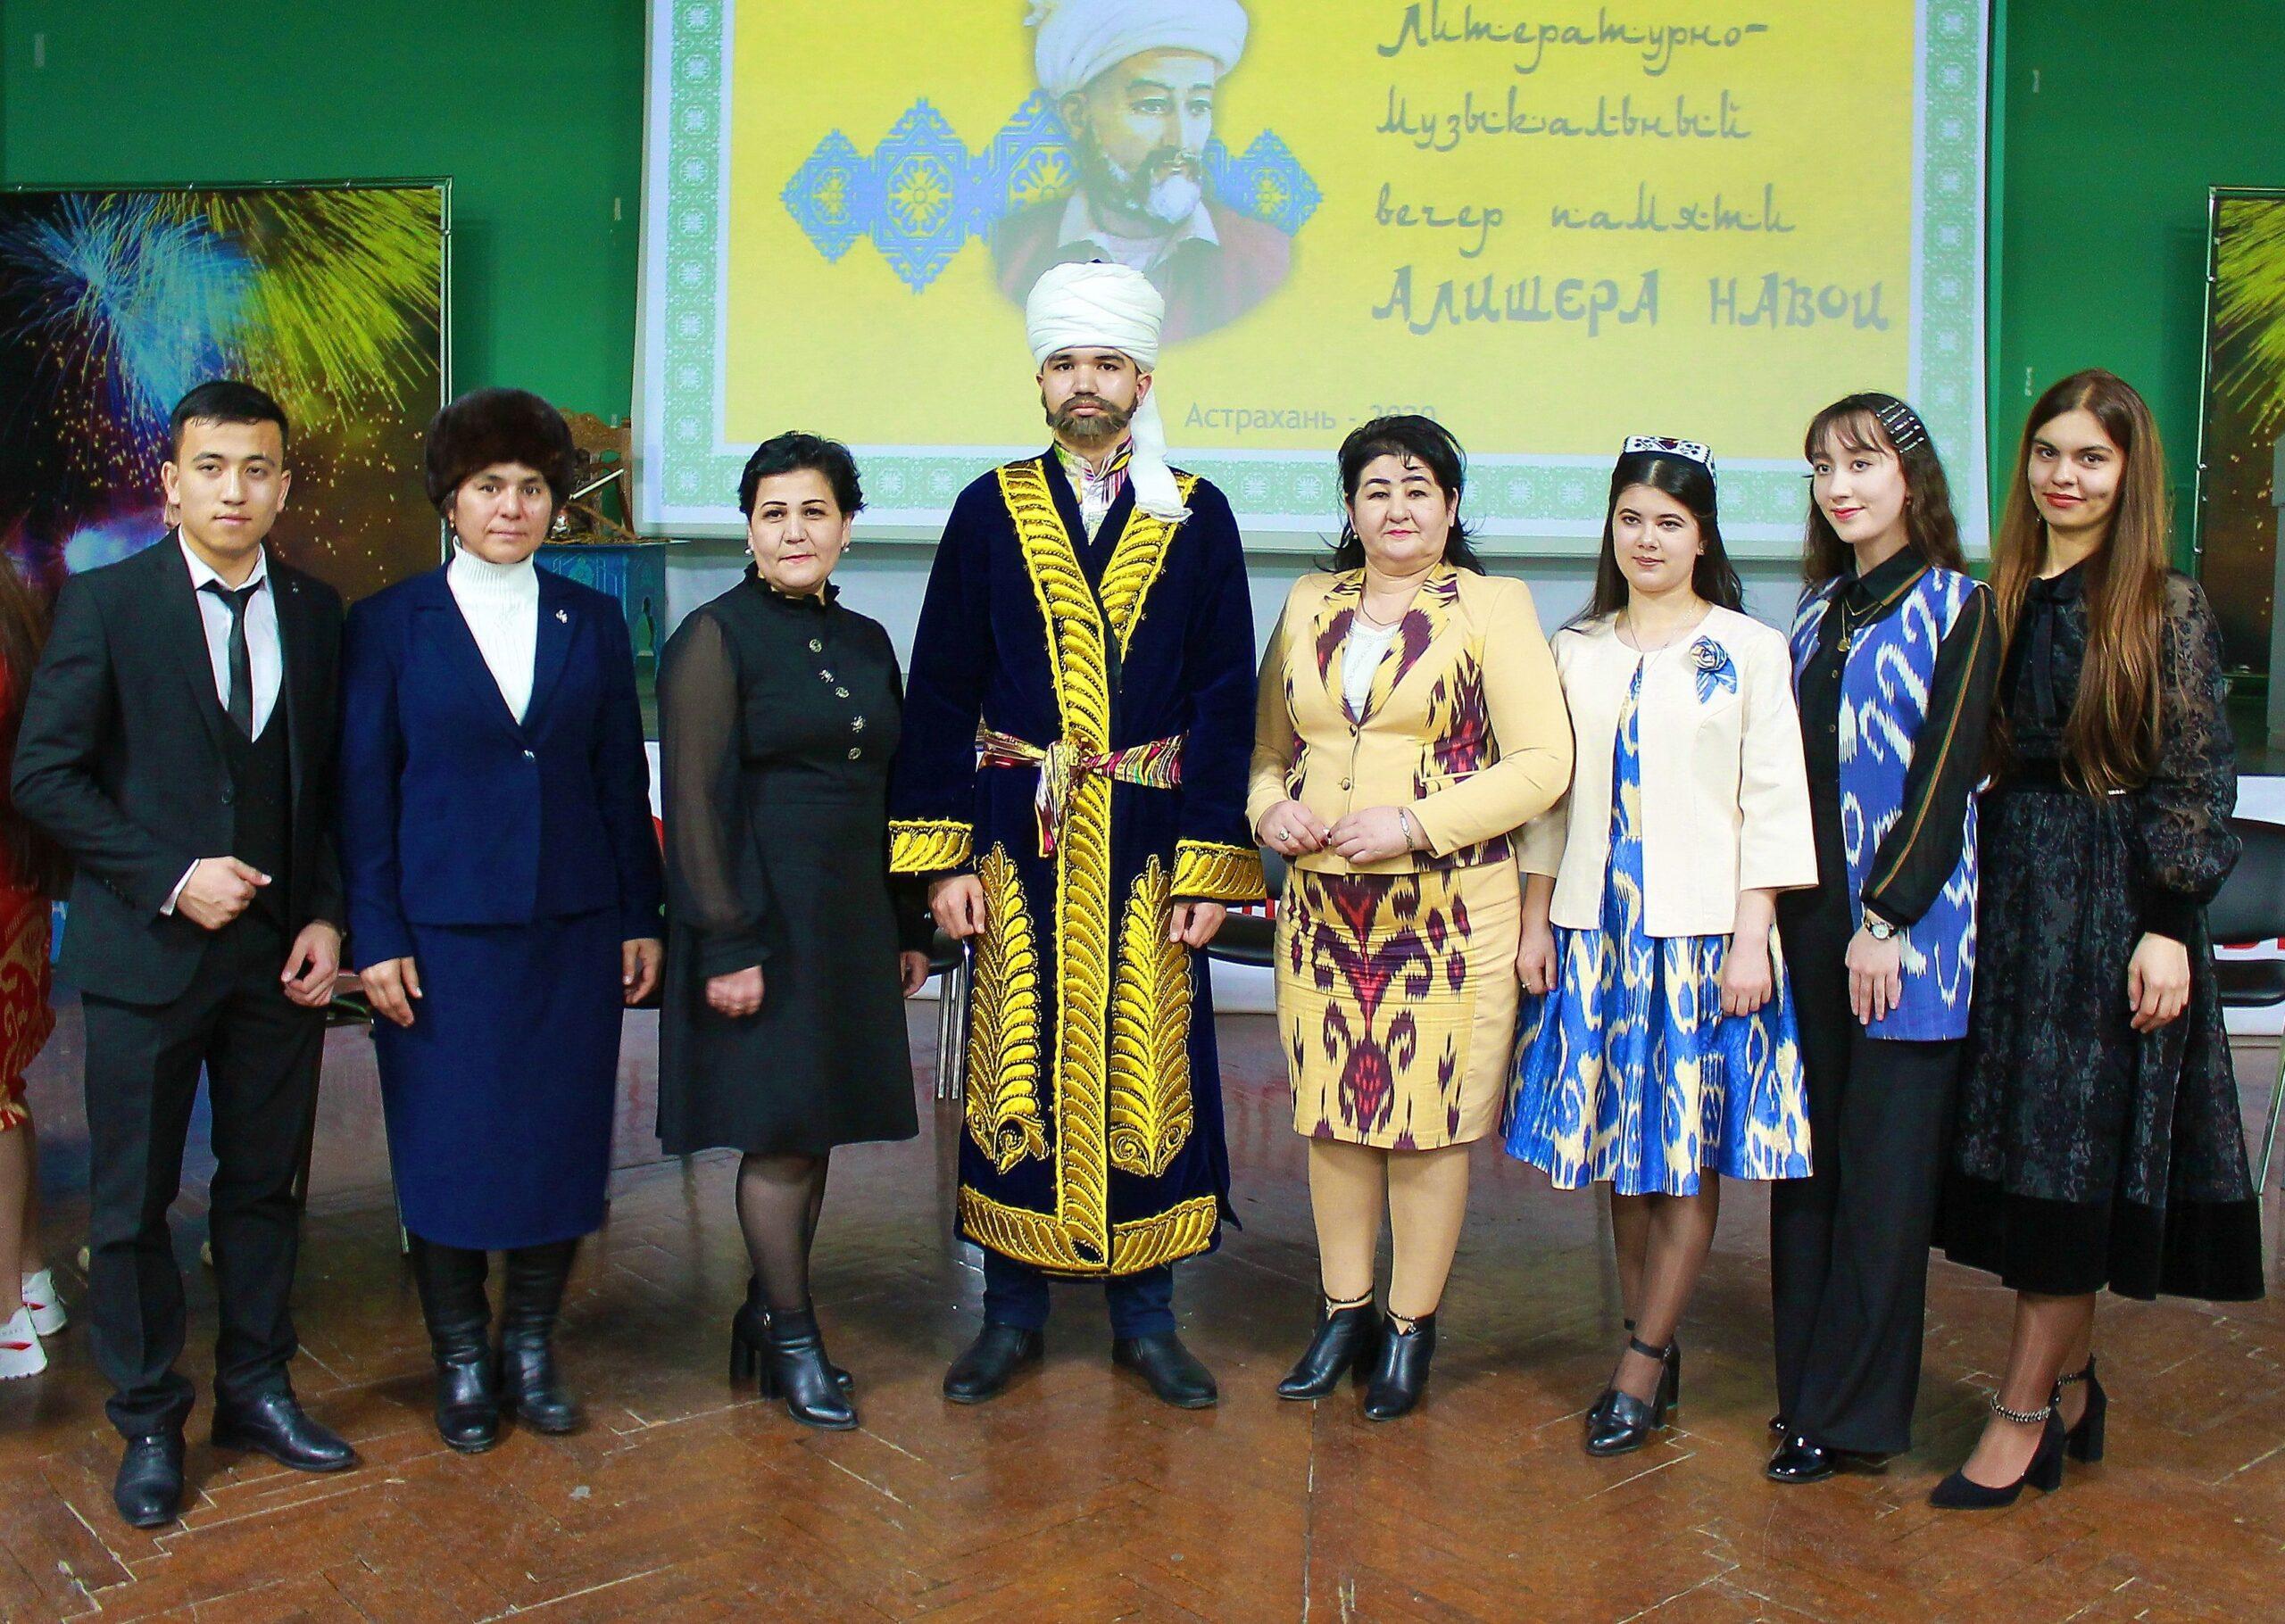 В Астрахани пройдет вечер памяти Алишера Навои